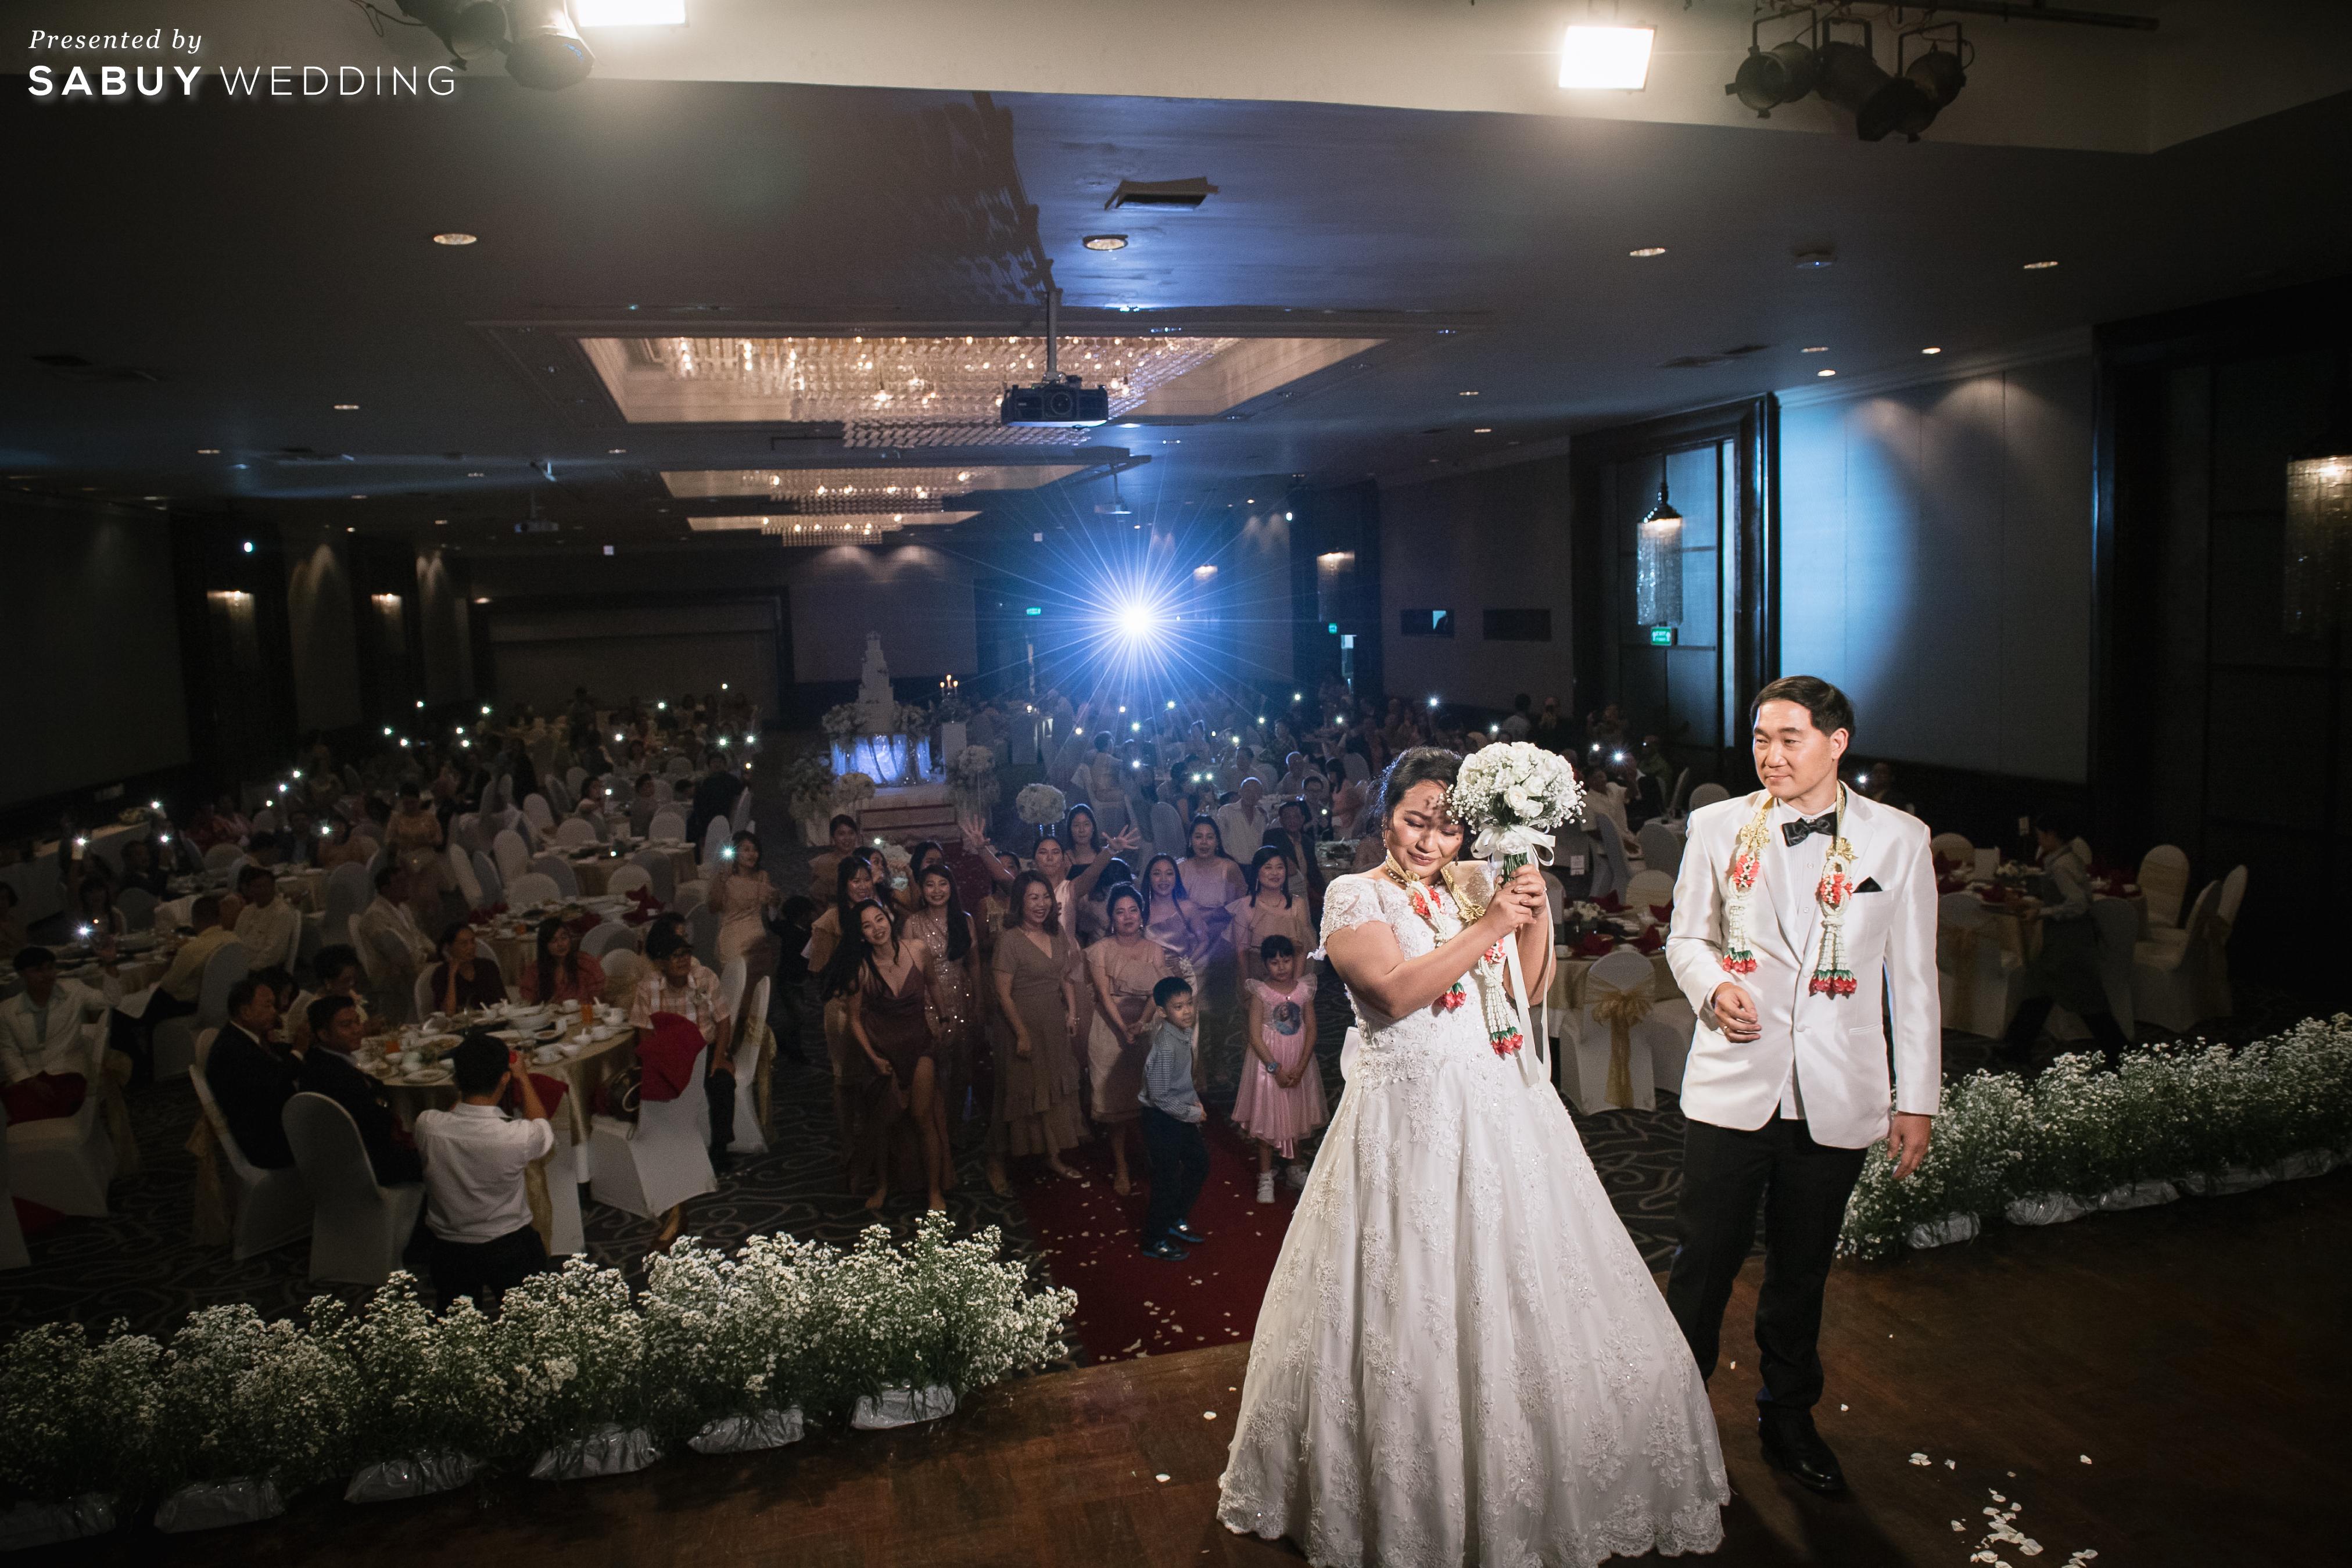 ชุดแต่งงาน, ช่อดอกไม้, สถานที่แต่งงาน, โรงแรม รีวิวงานแต่งสุดคลาสสิก กับกิมมิคแจกของรางวัล @ Narai Hotel